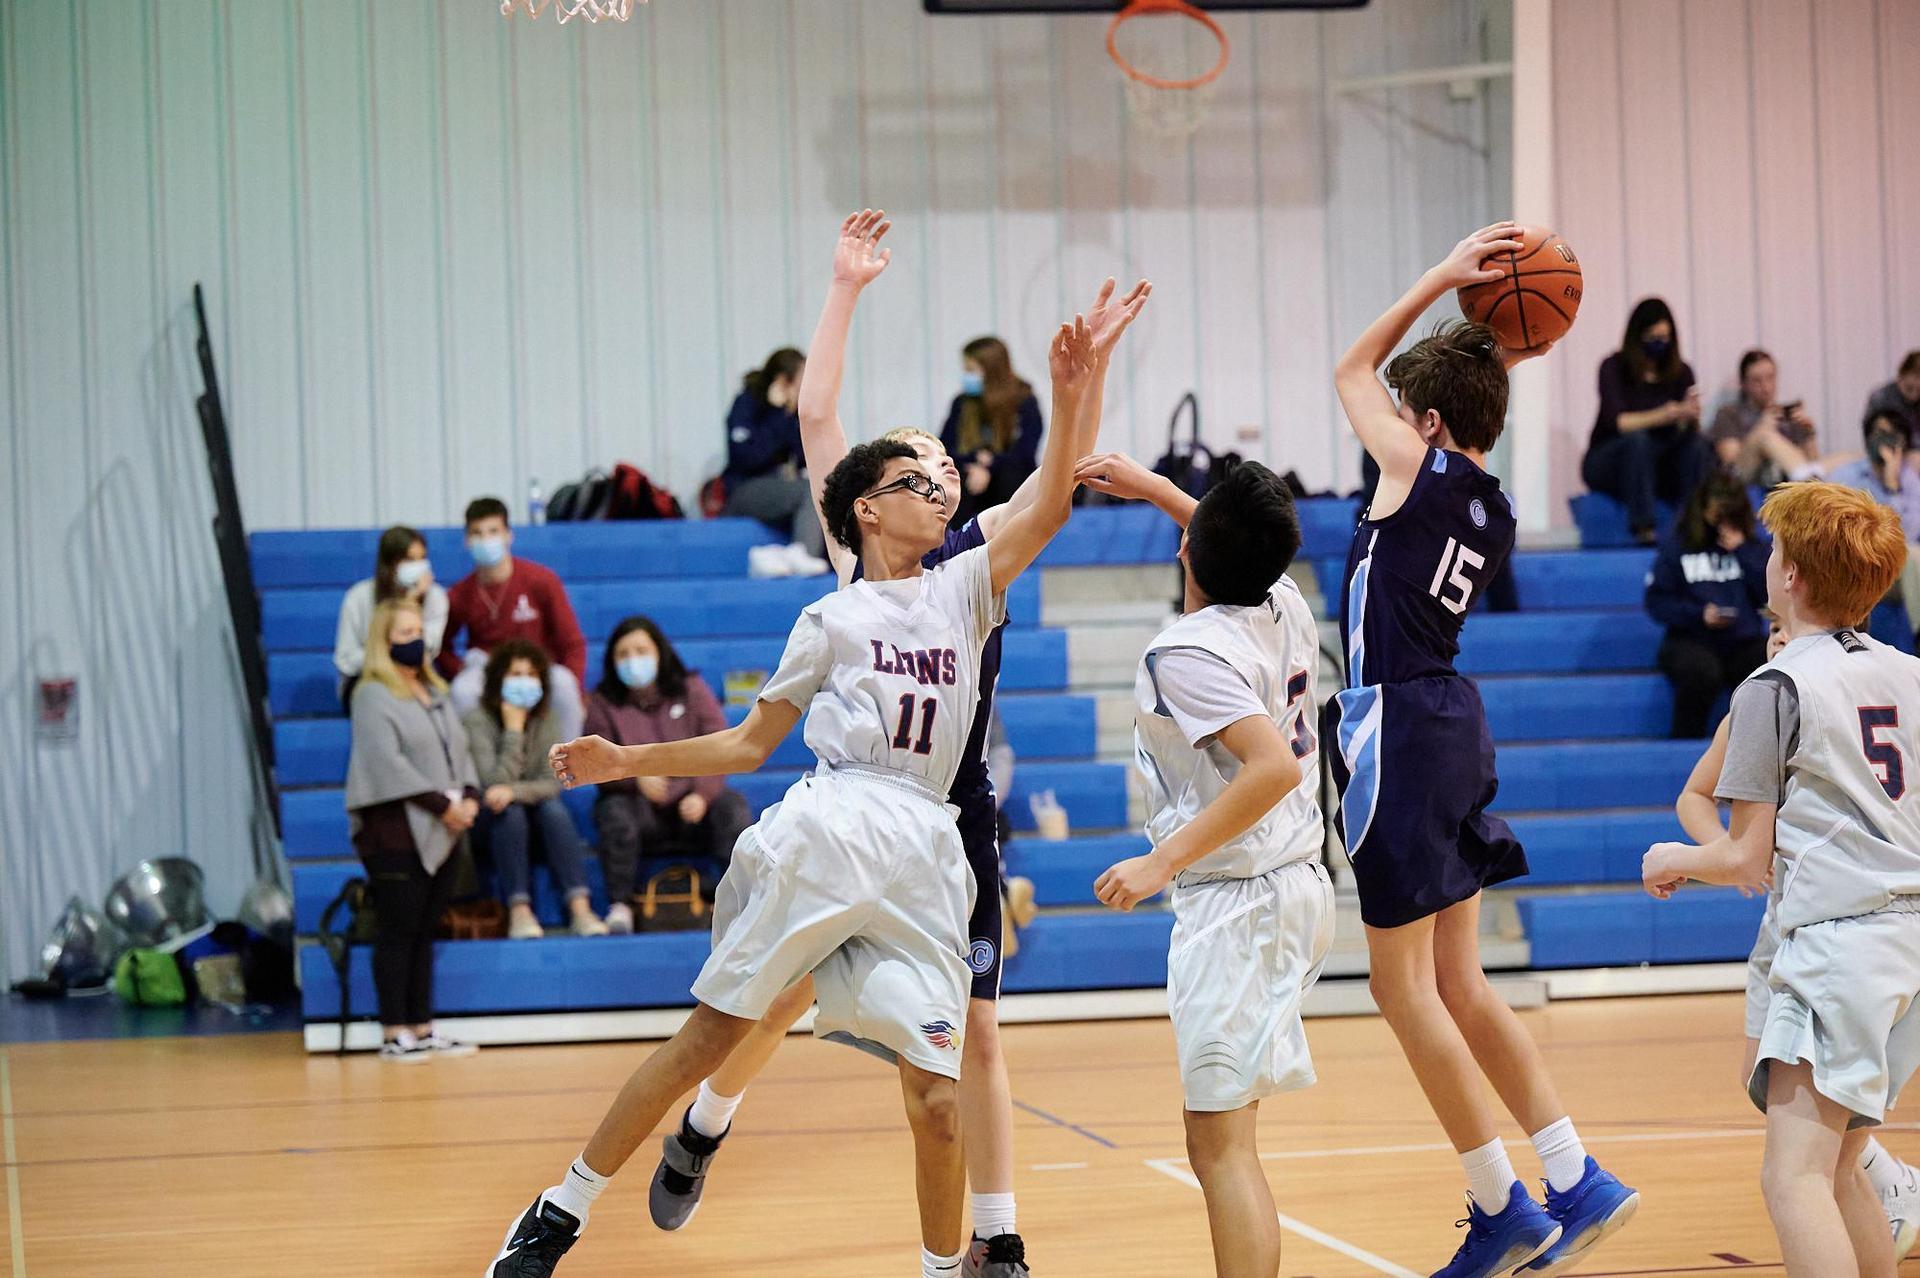 MS Boys basketball 20/21